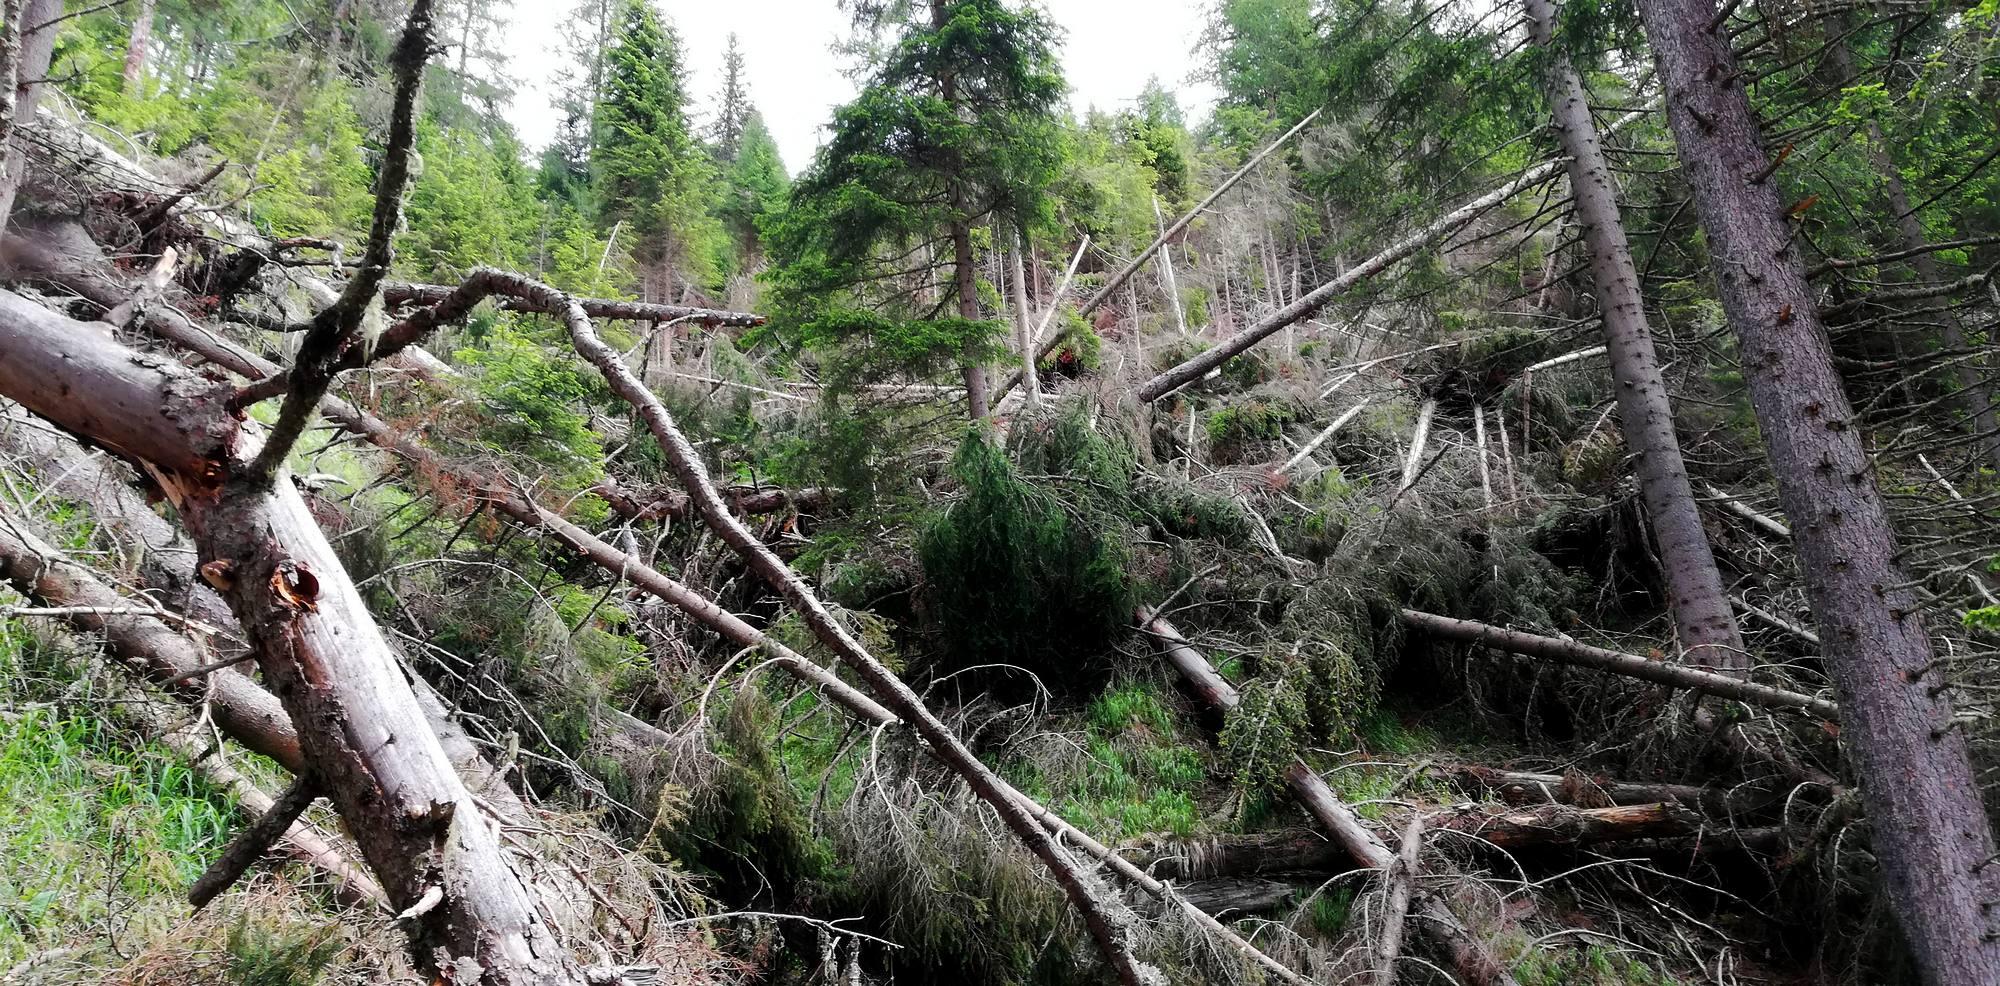 Gefahren bei der Aufarbeitung von Schadholz